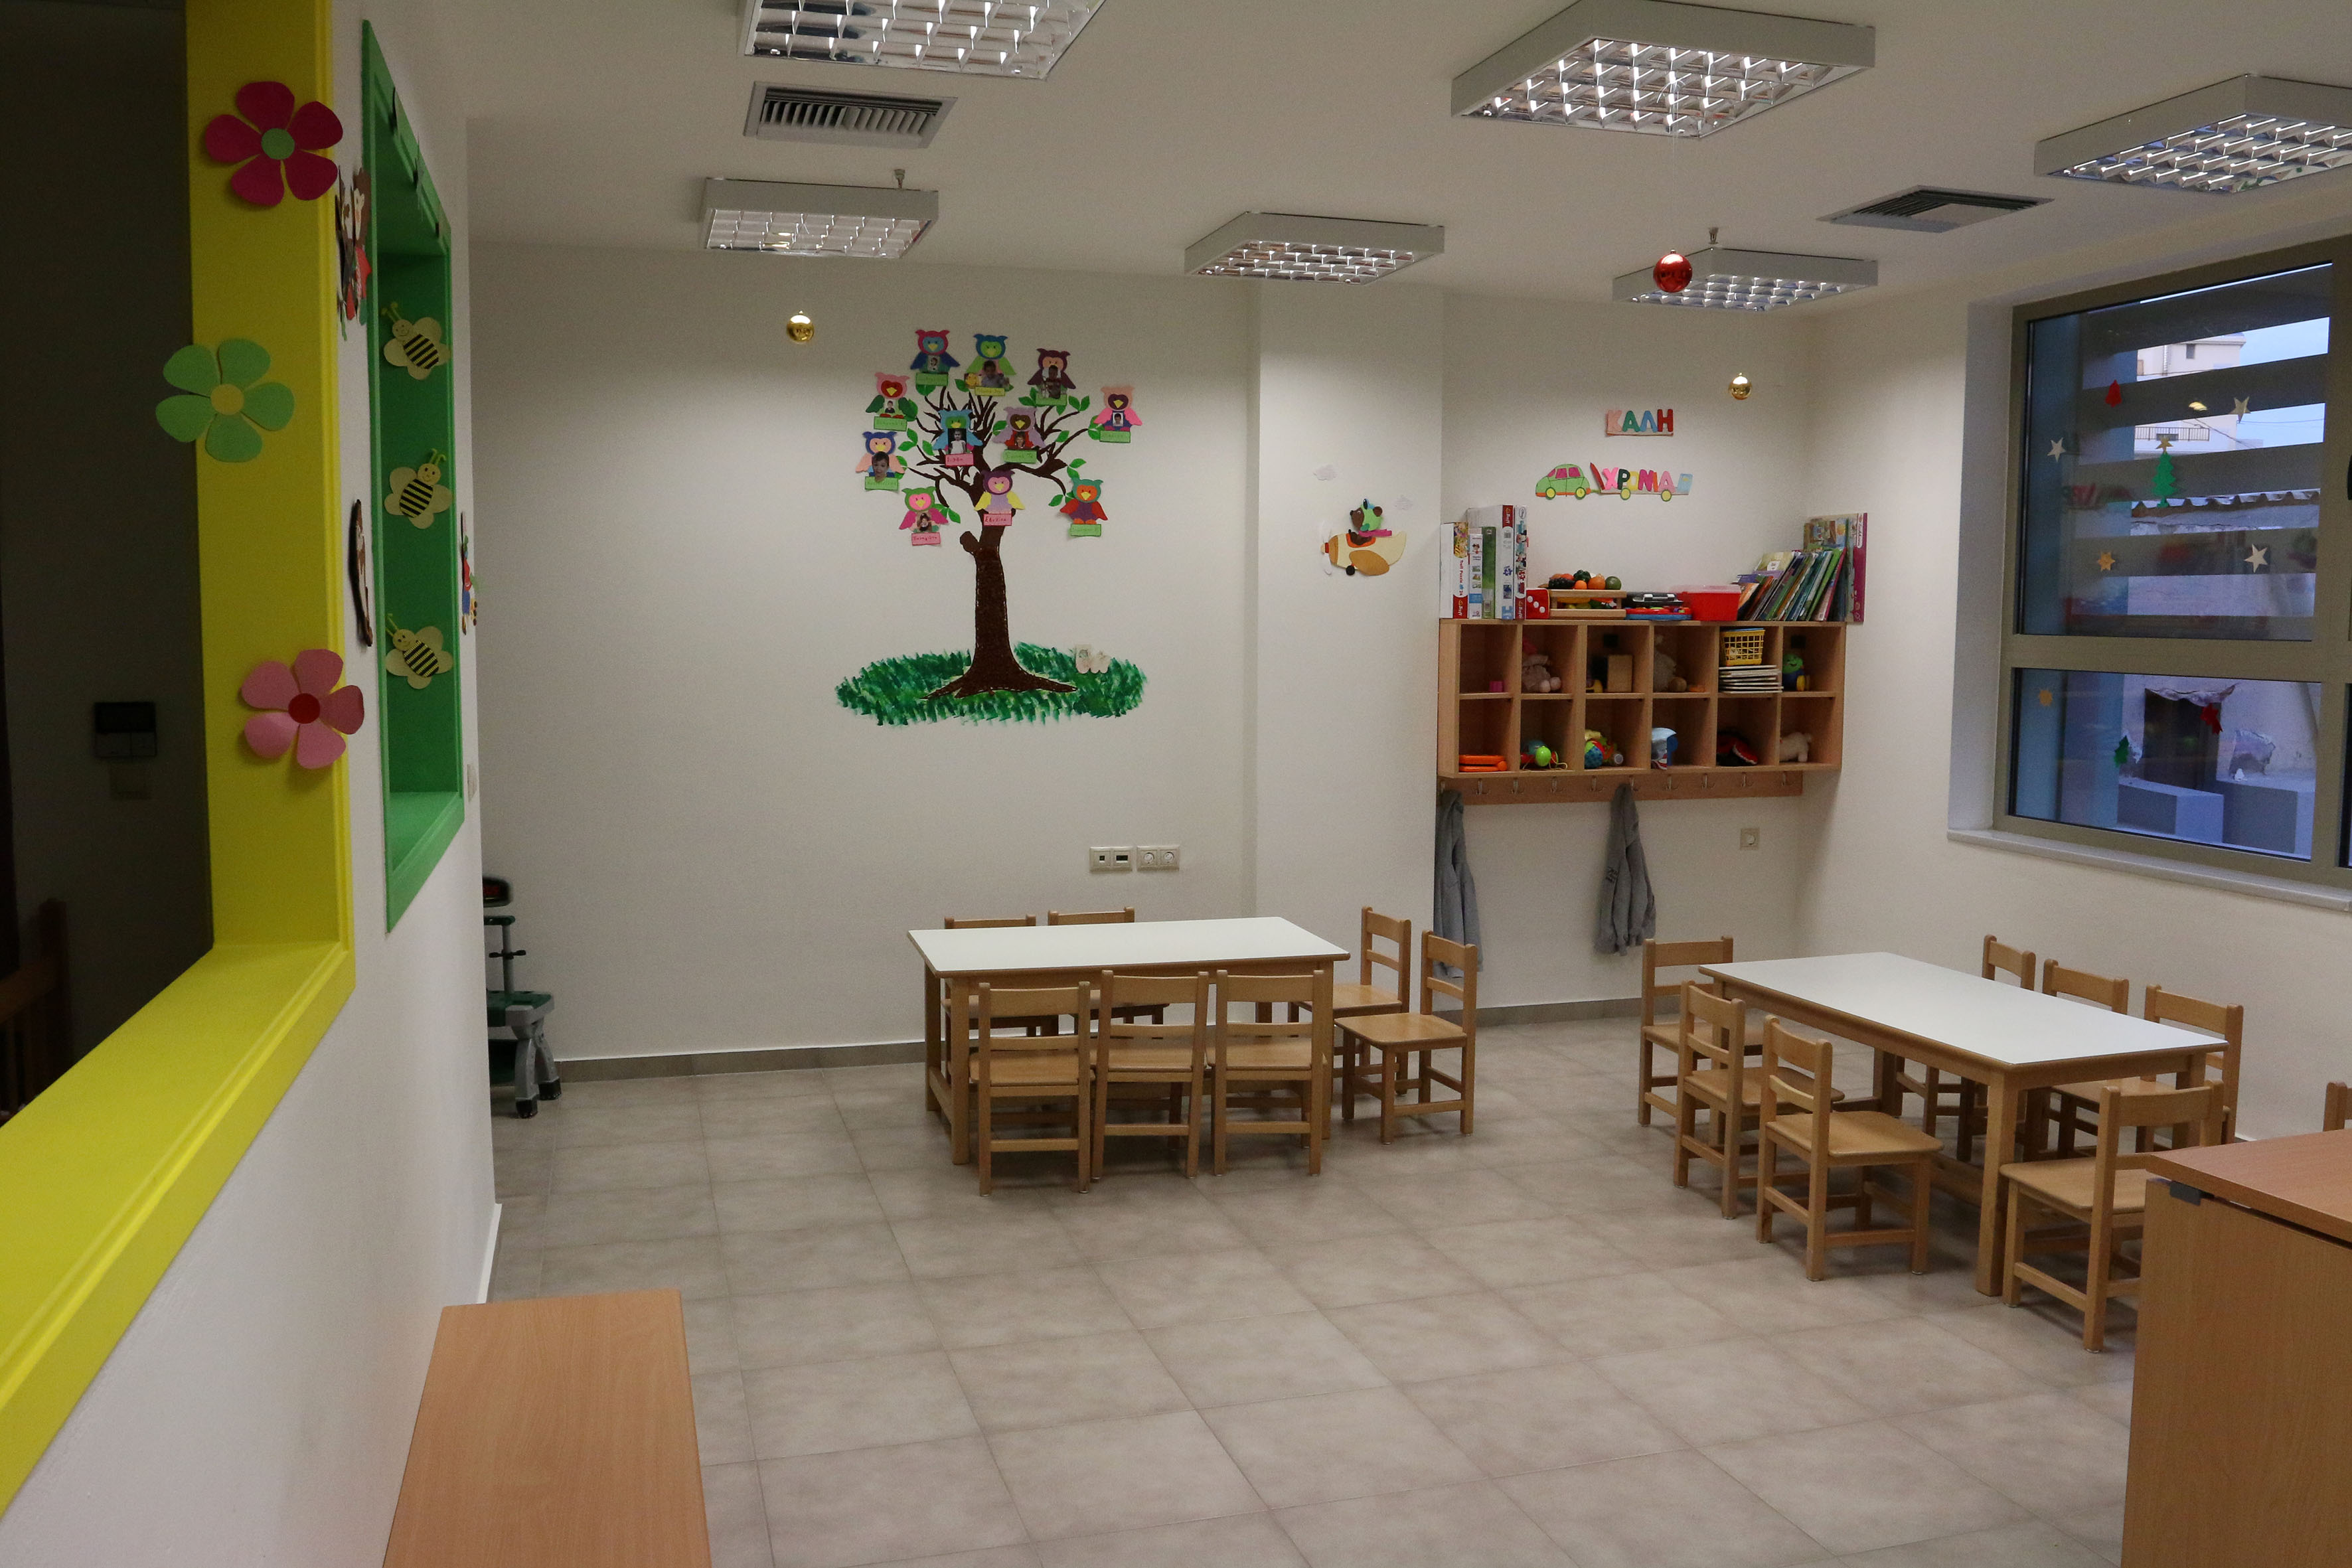 Απαλλαγή από τα τροφεία στους δημοτικούς παιδικούς σταθμούς